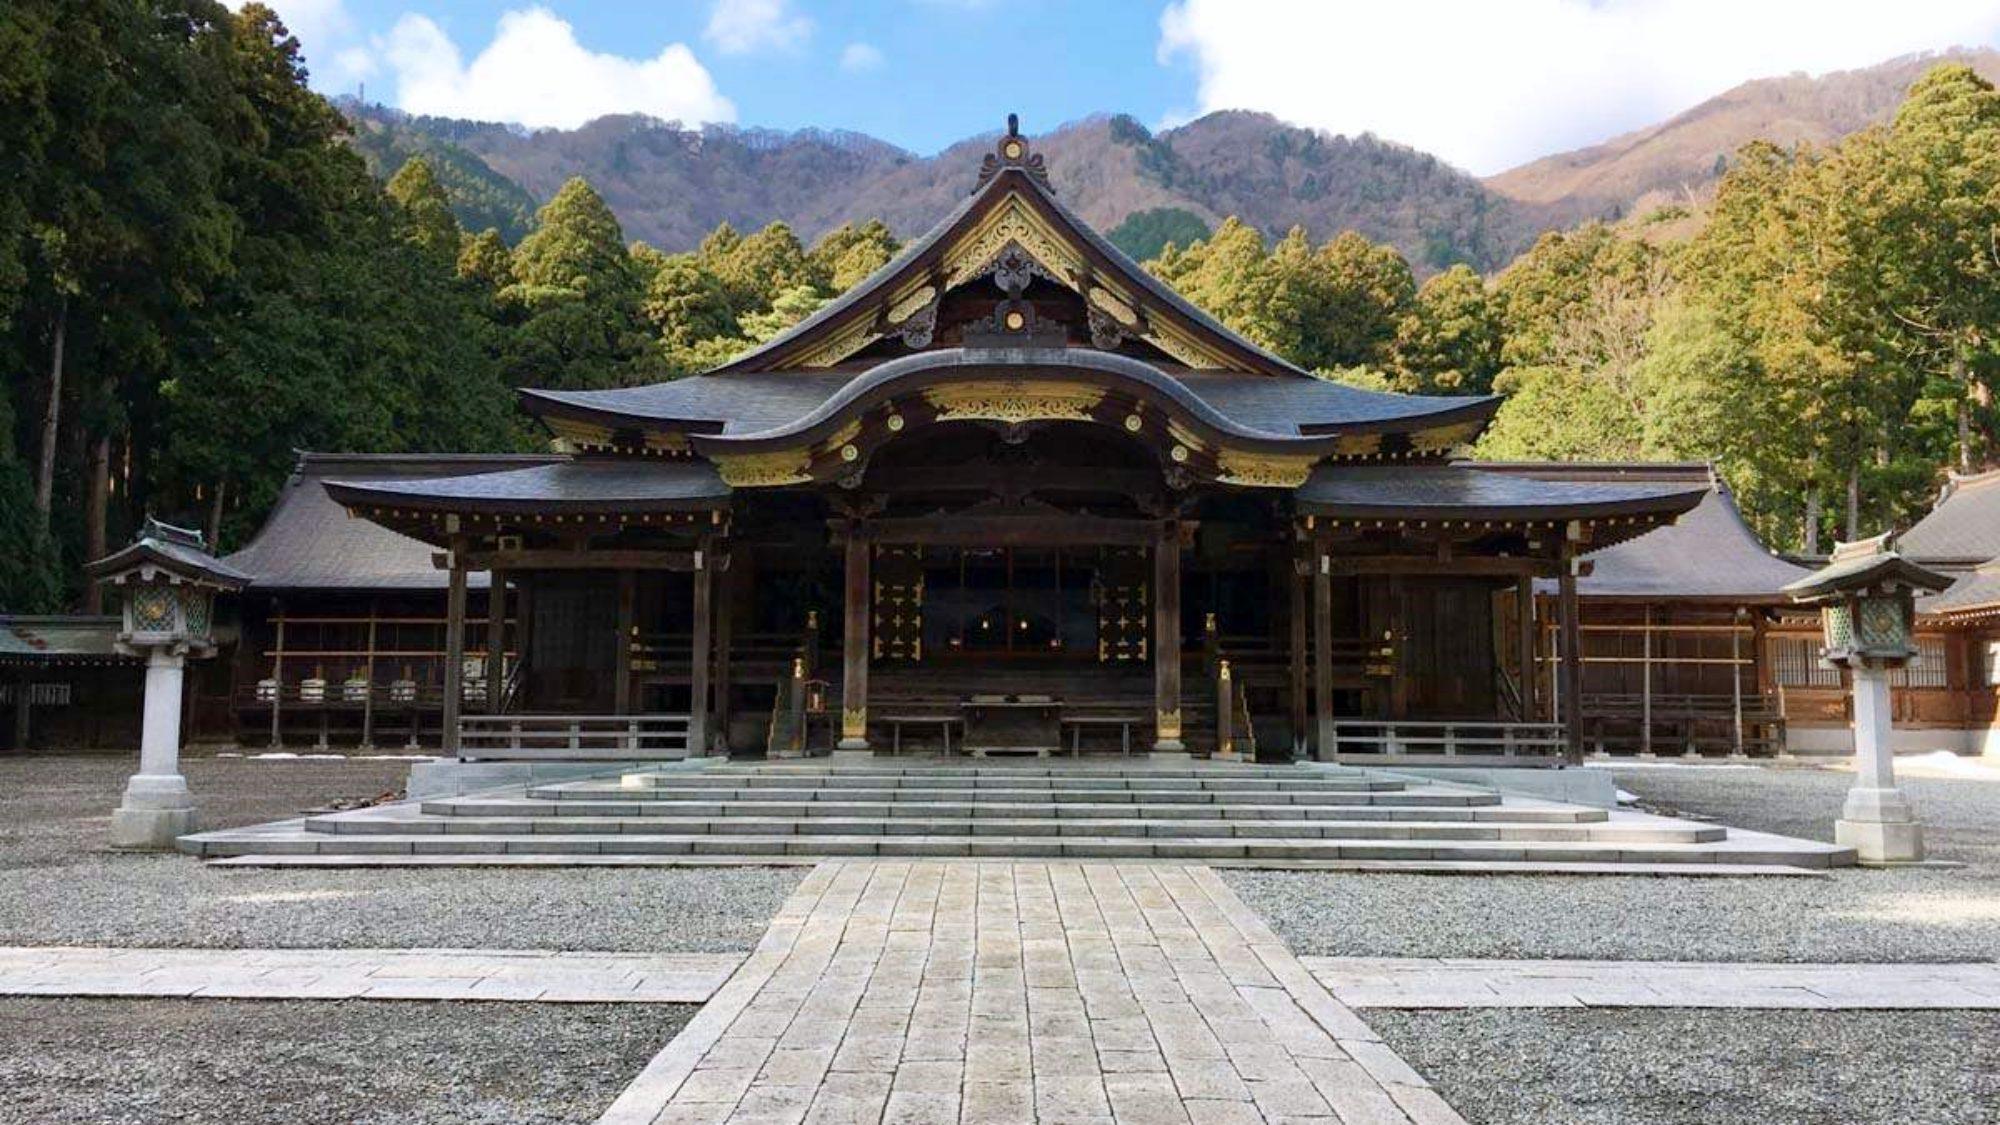 【弥彦神社】『万葉集』にも歌われる古社。人気観光スポットです。当館から車で20分程の距離にあります。